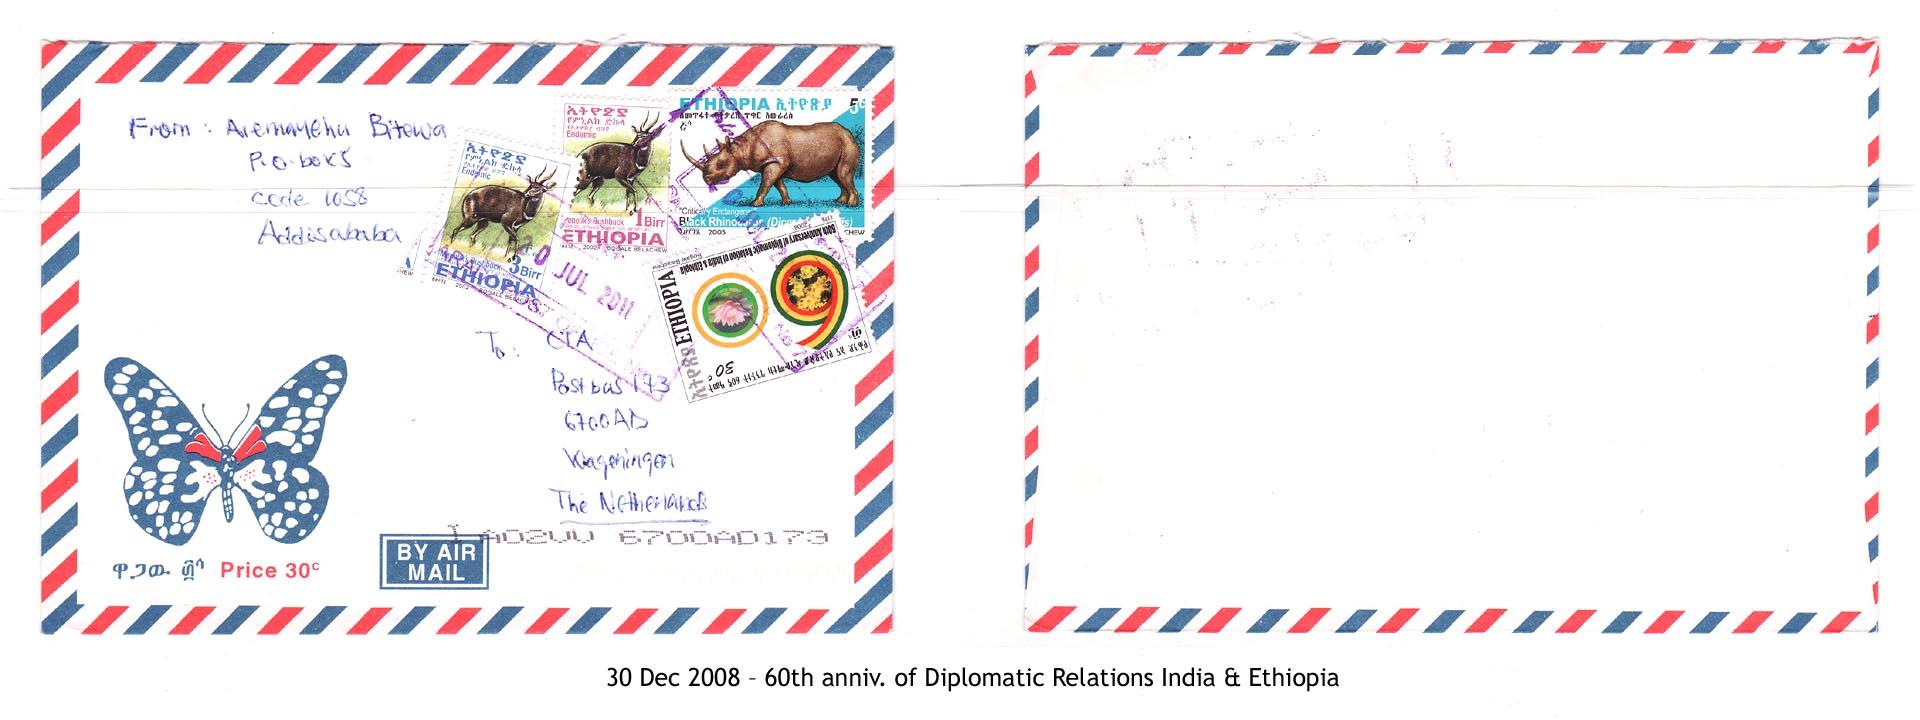 20081230 – 60th anniv. of Diplomatic Relations India & Ethiopia